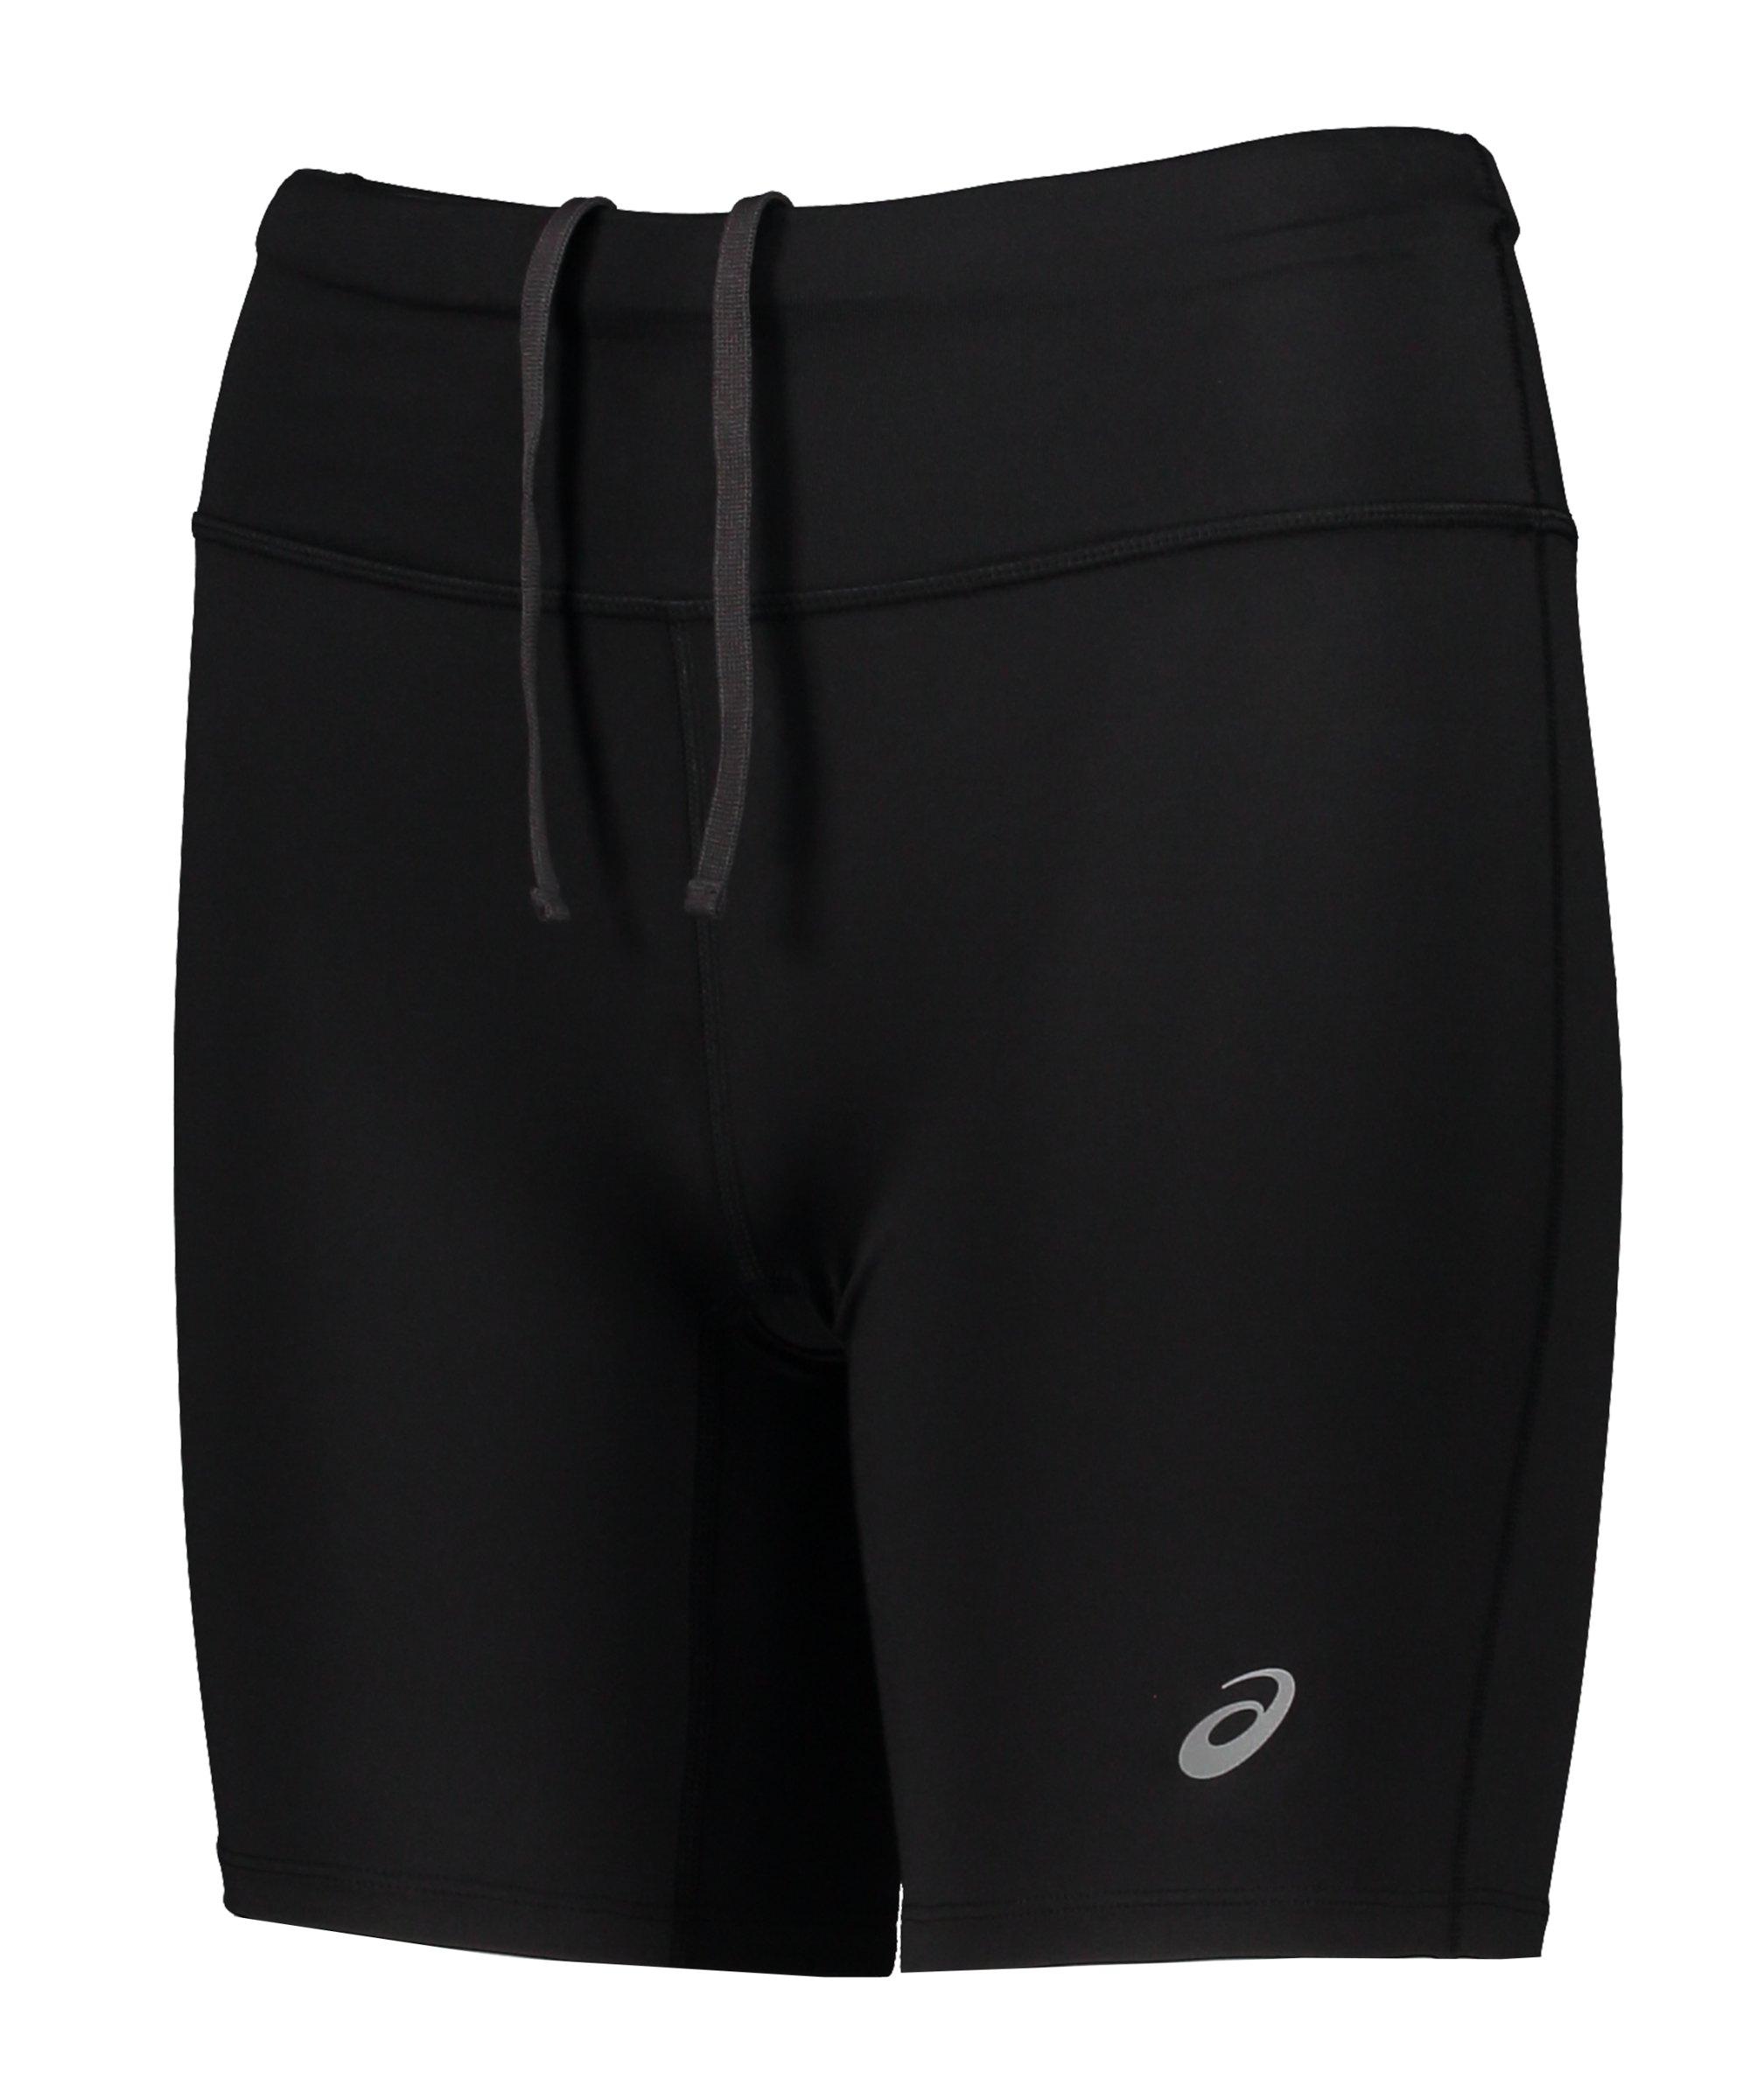 Asics Core Sprinter Short Running Damen F001 - schwarz